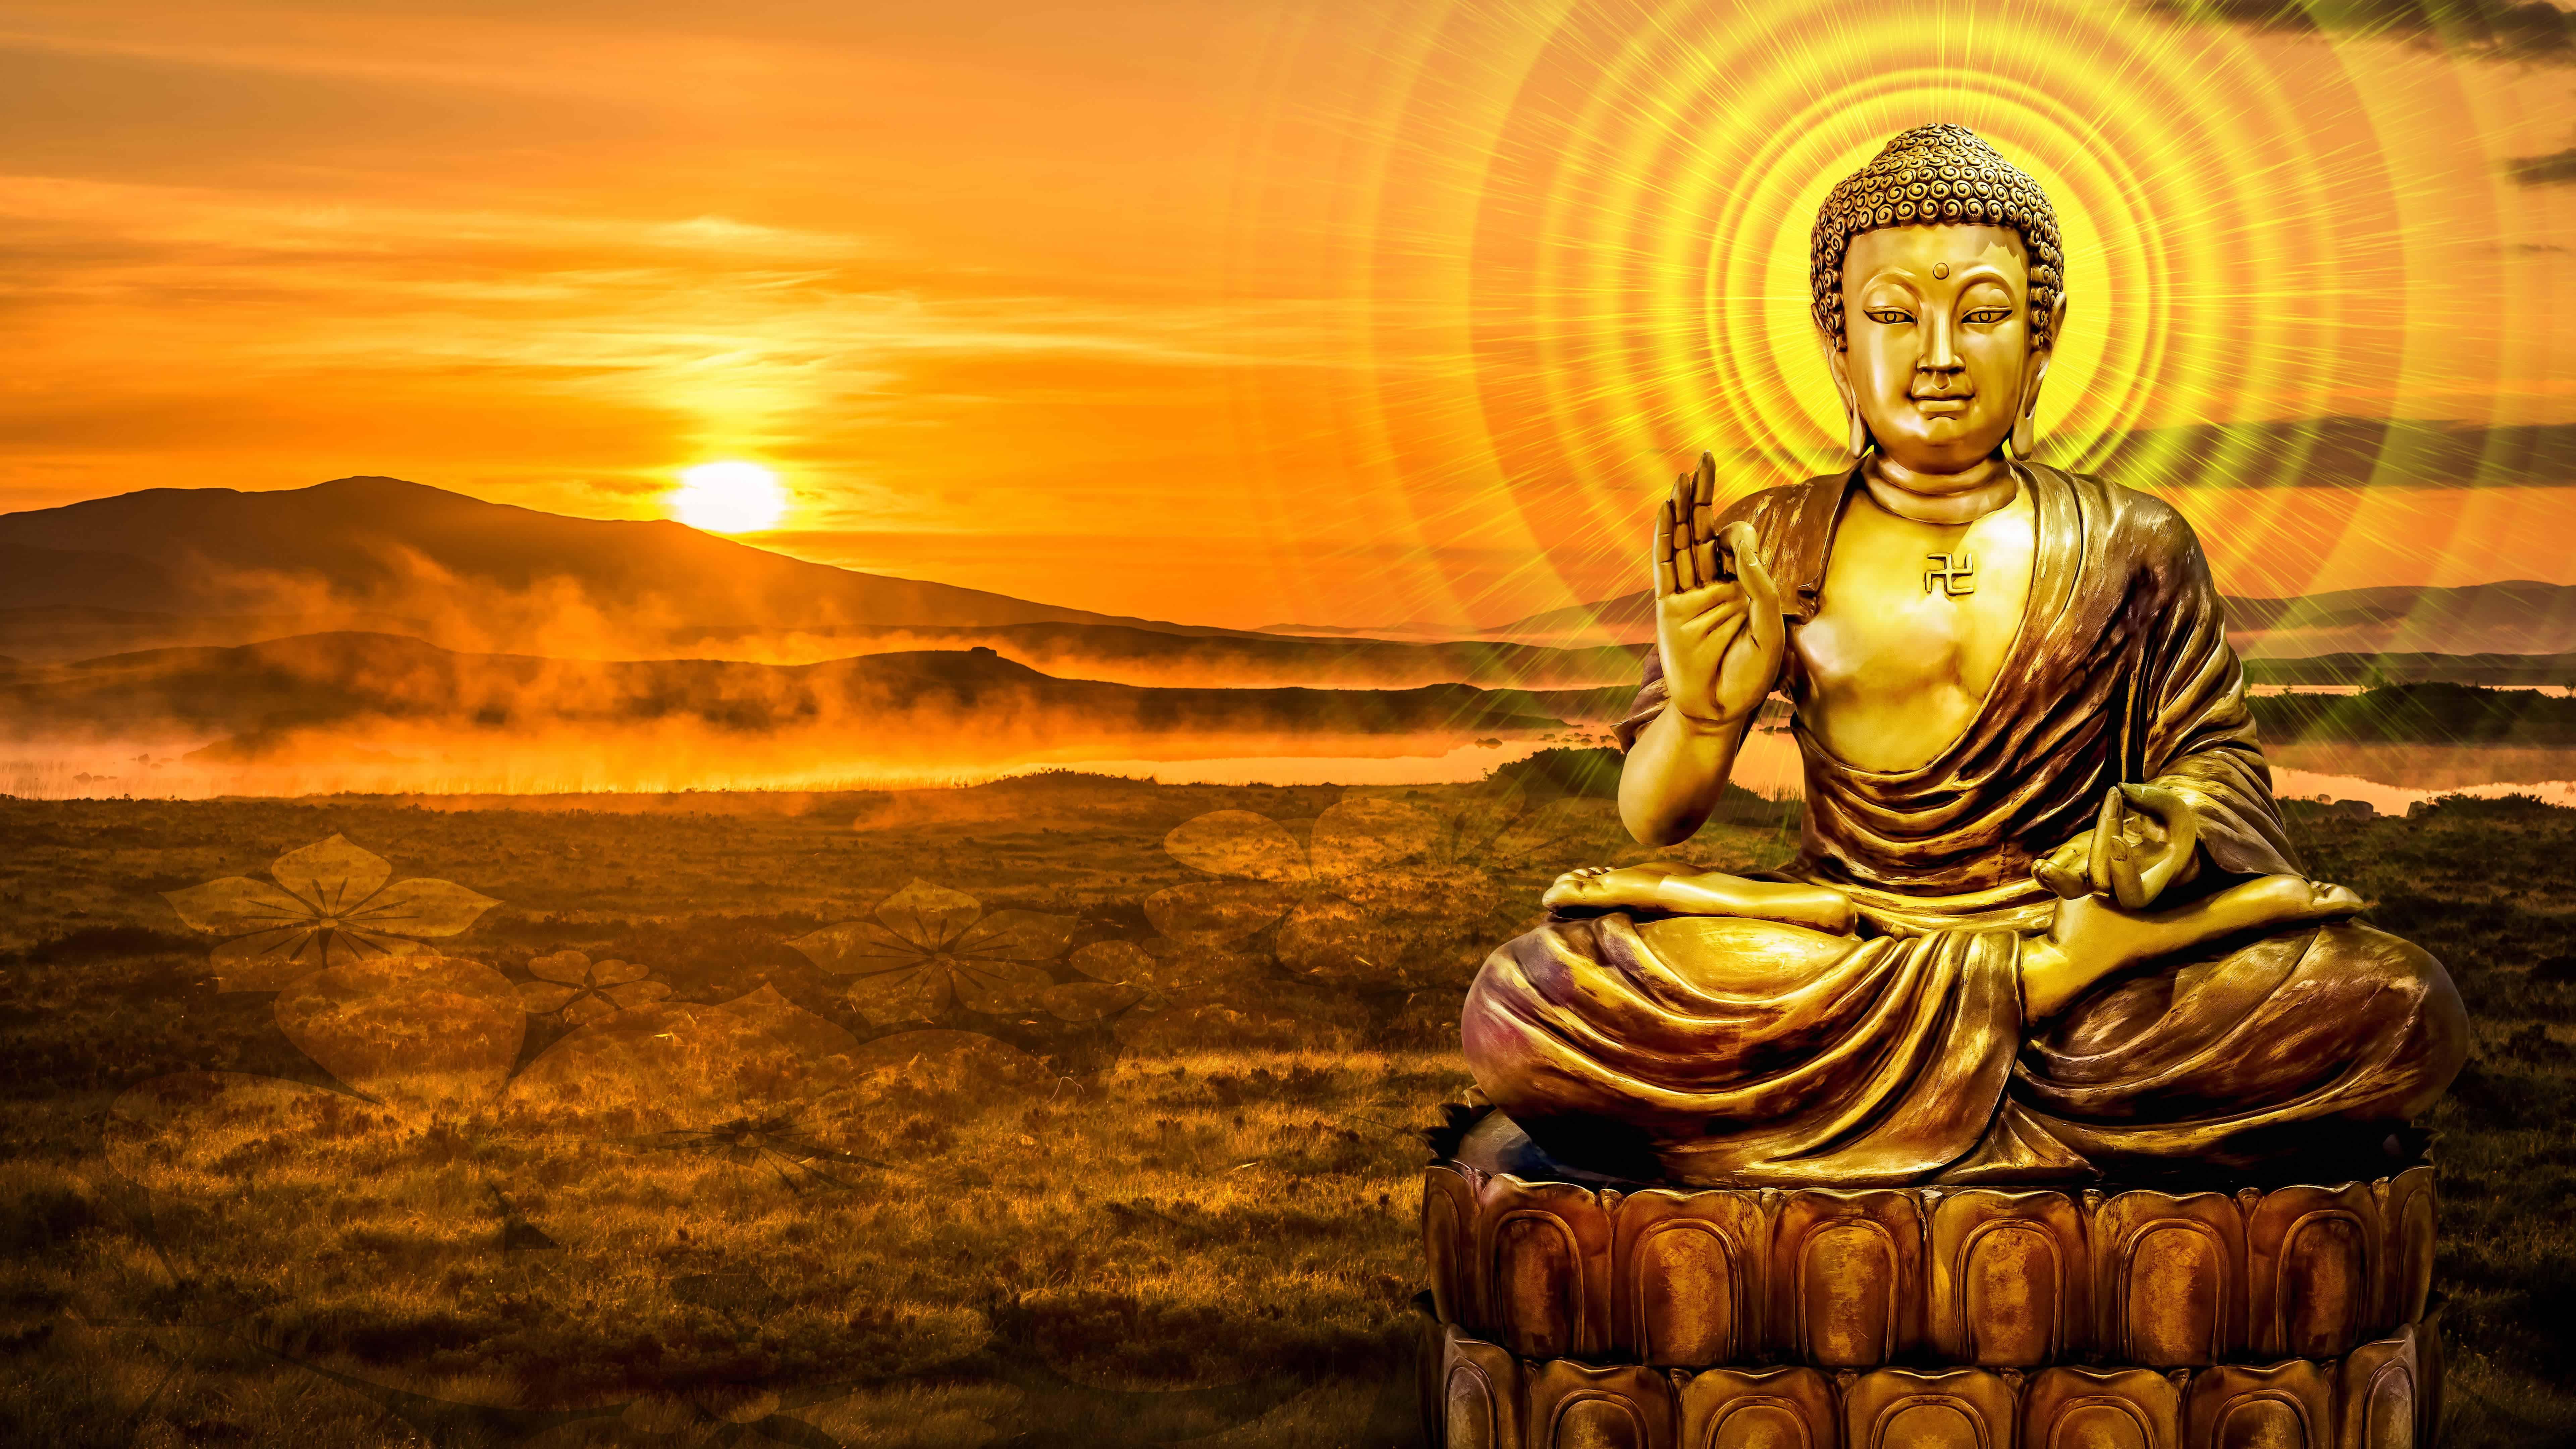 Hình ảnh tượng Phật 3D đẹp nhất